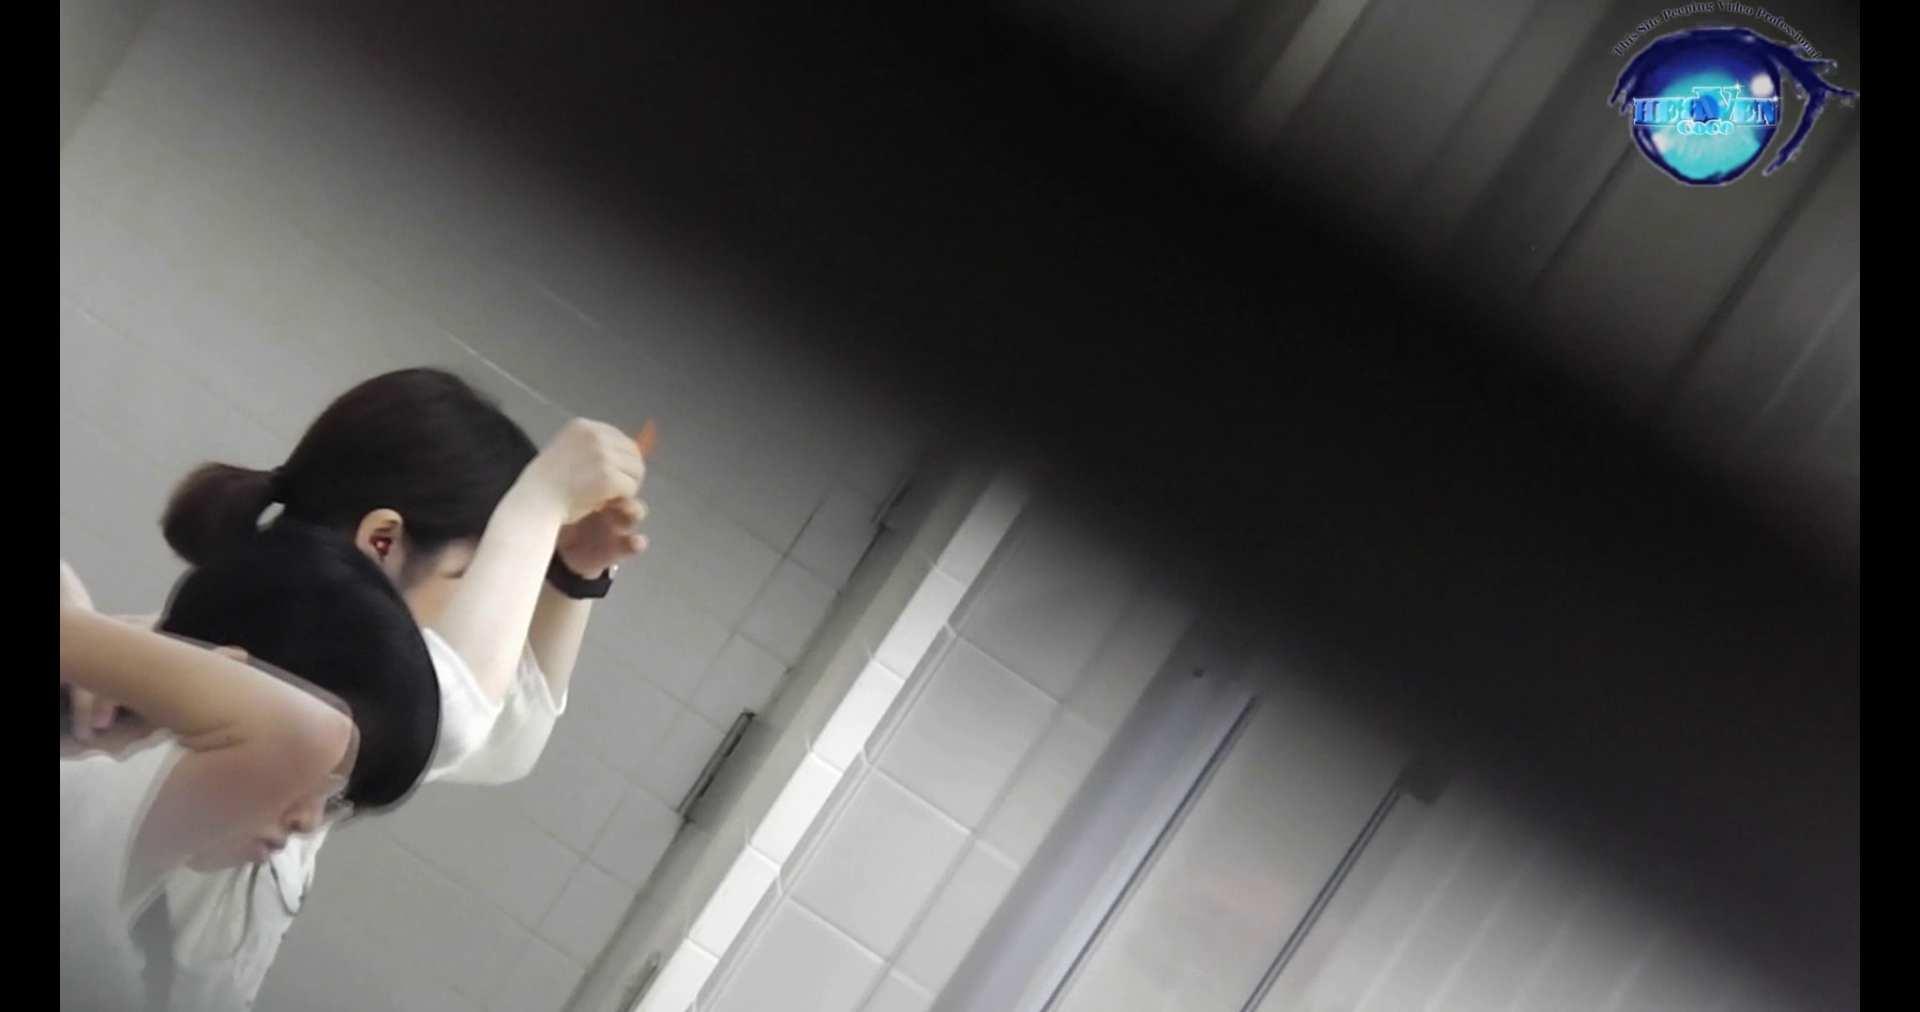 お銀さんの洗面所突入レポート!!vol.72 あのかわいい子がついフロント撮り実演 洗面所編 | バックショット  100PIX 3